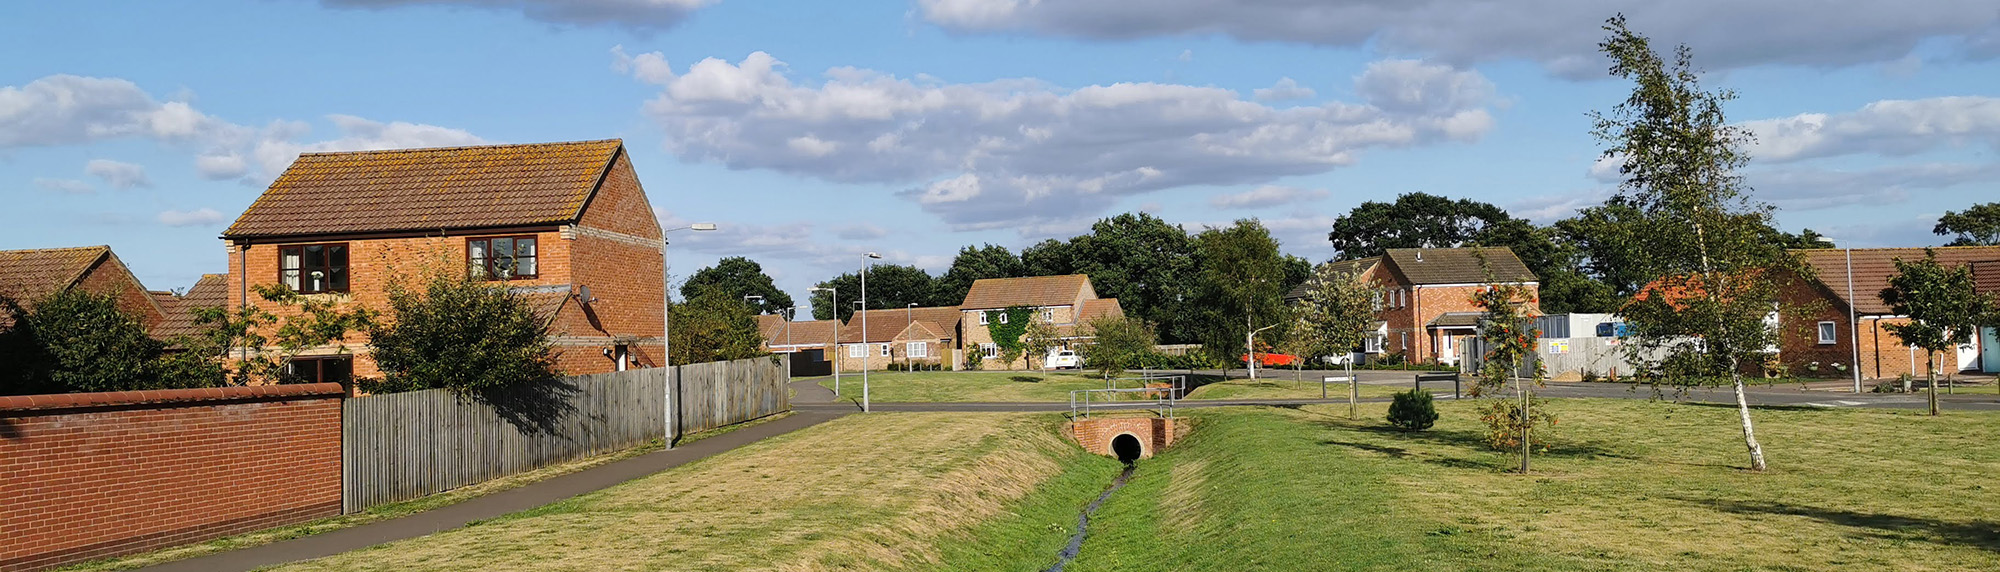 Briston open space